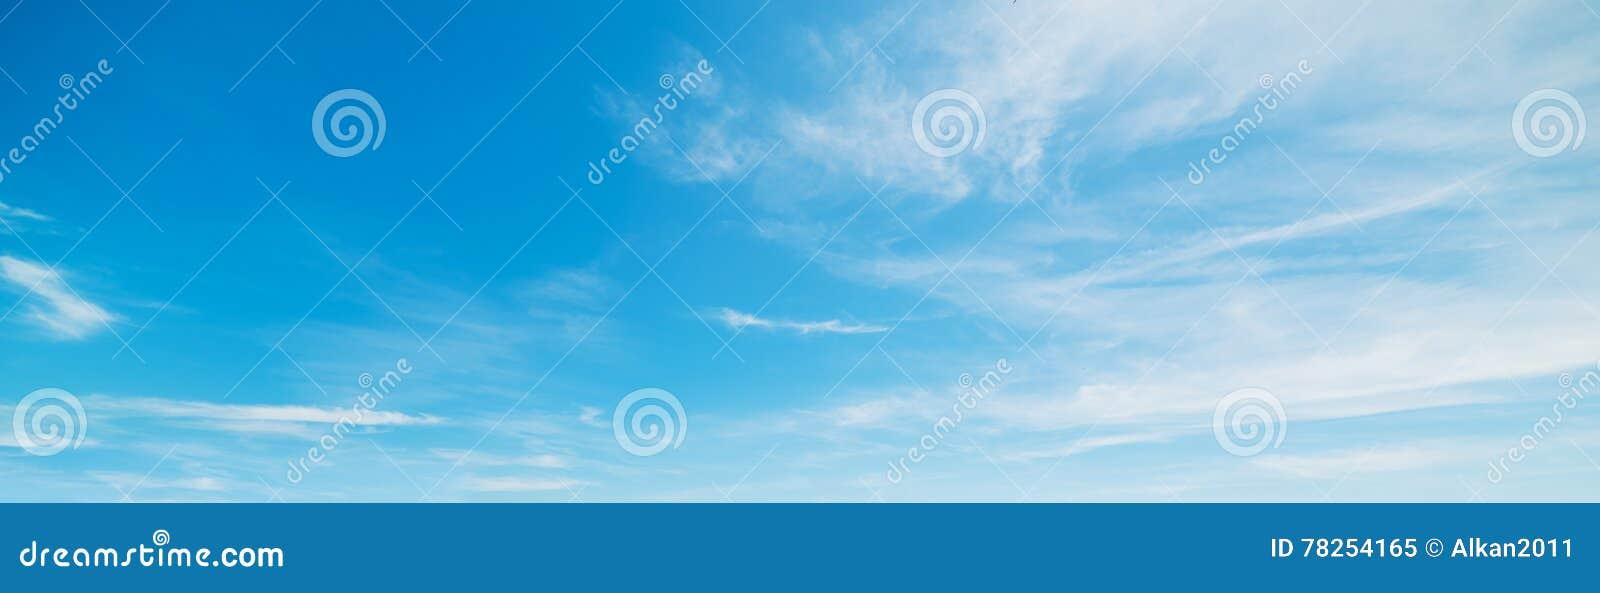 Μικροί σύννεφα και μπλε ουρανός